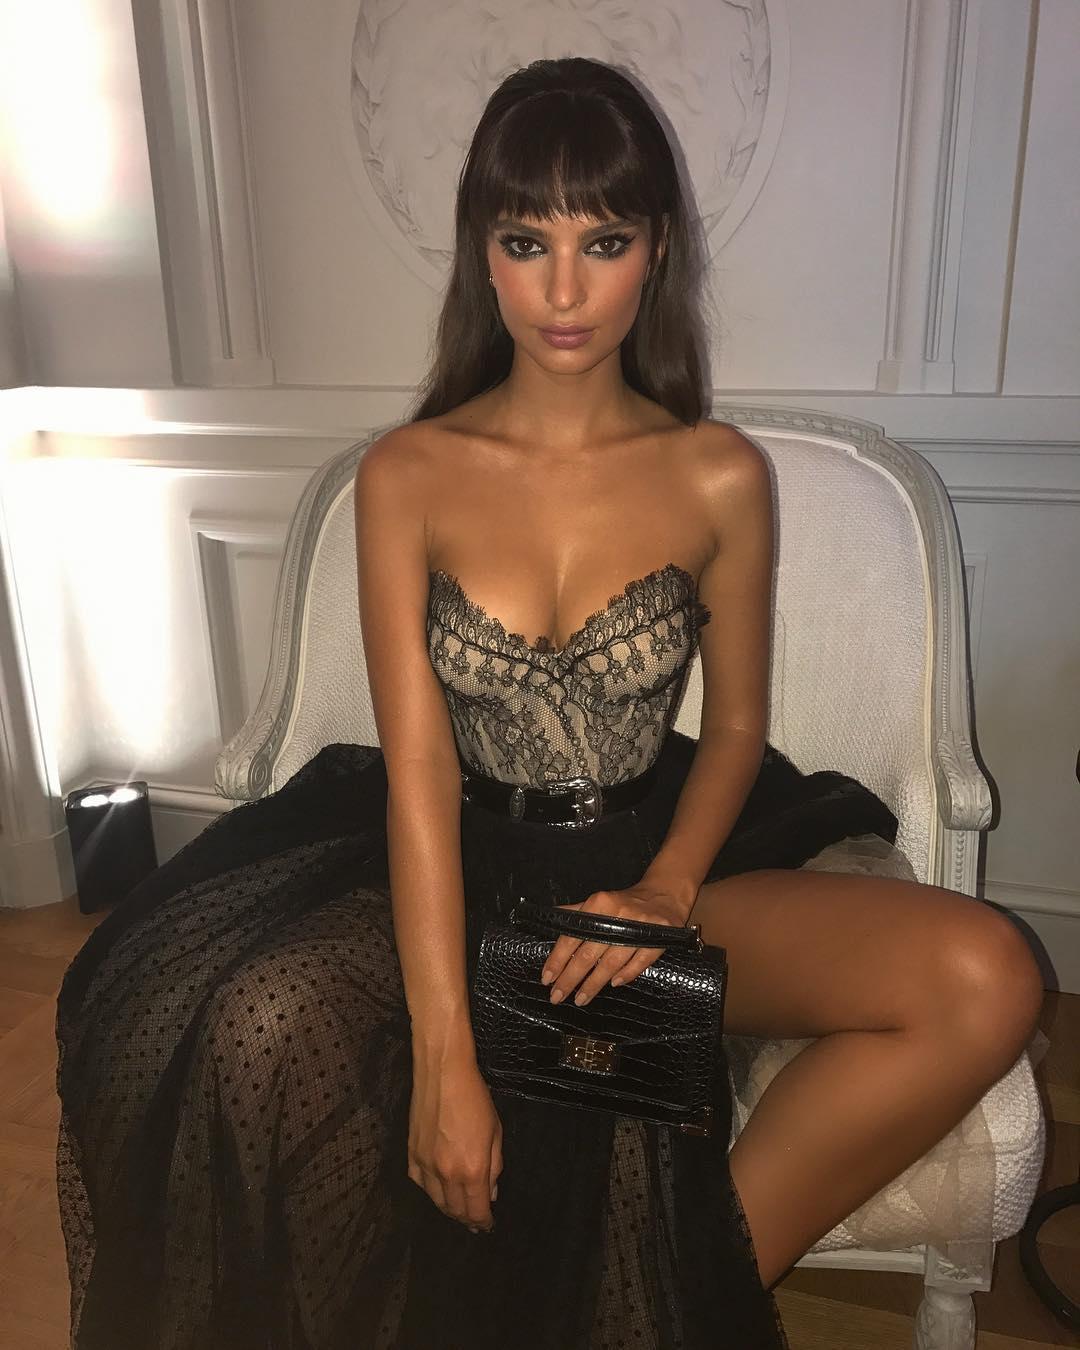 Güzel model Emily Ratajkowski Instagram hesabından paylaştığı sexy kıyafetli cesur pozu ile hayranlarını büyülemeyi başardı. Foto galeri için tıklayın.